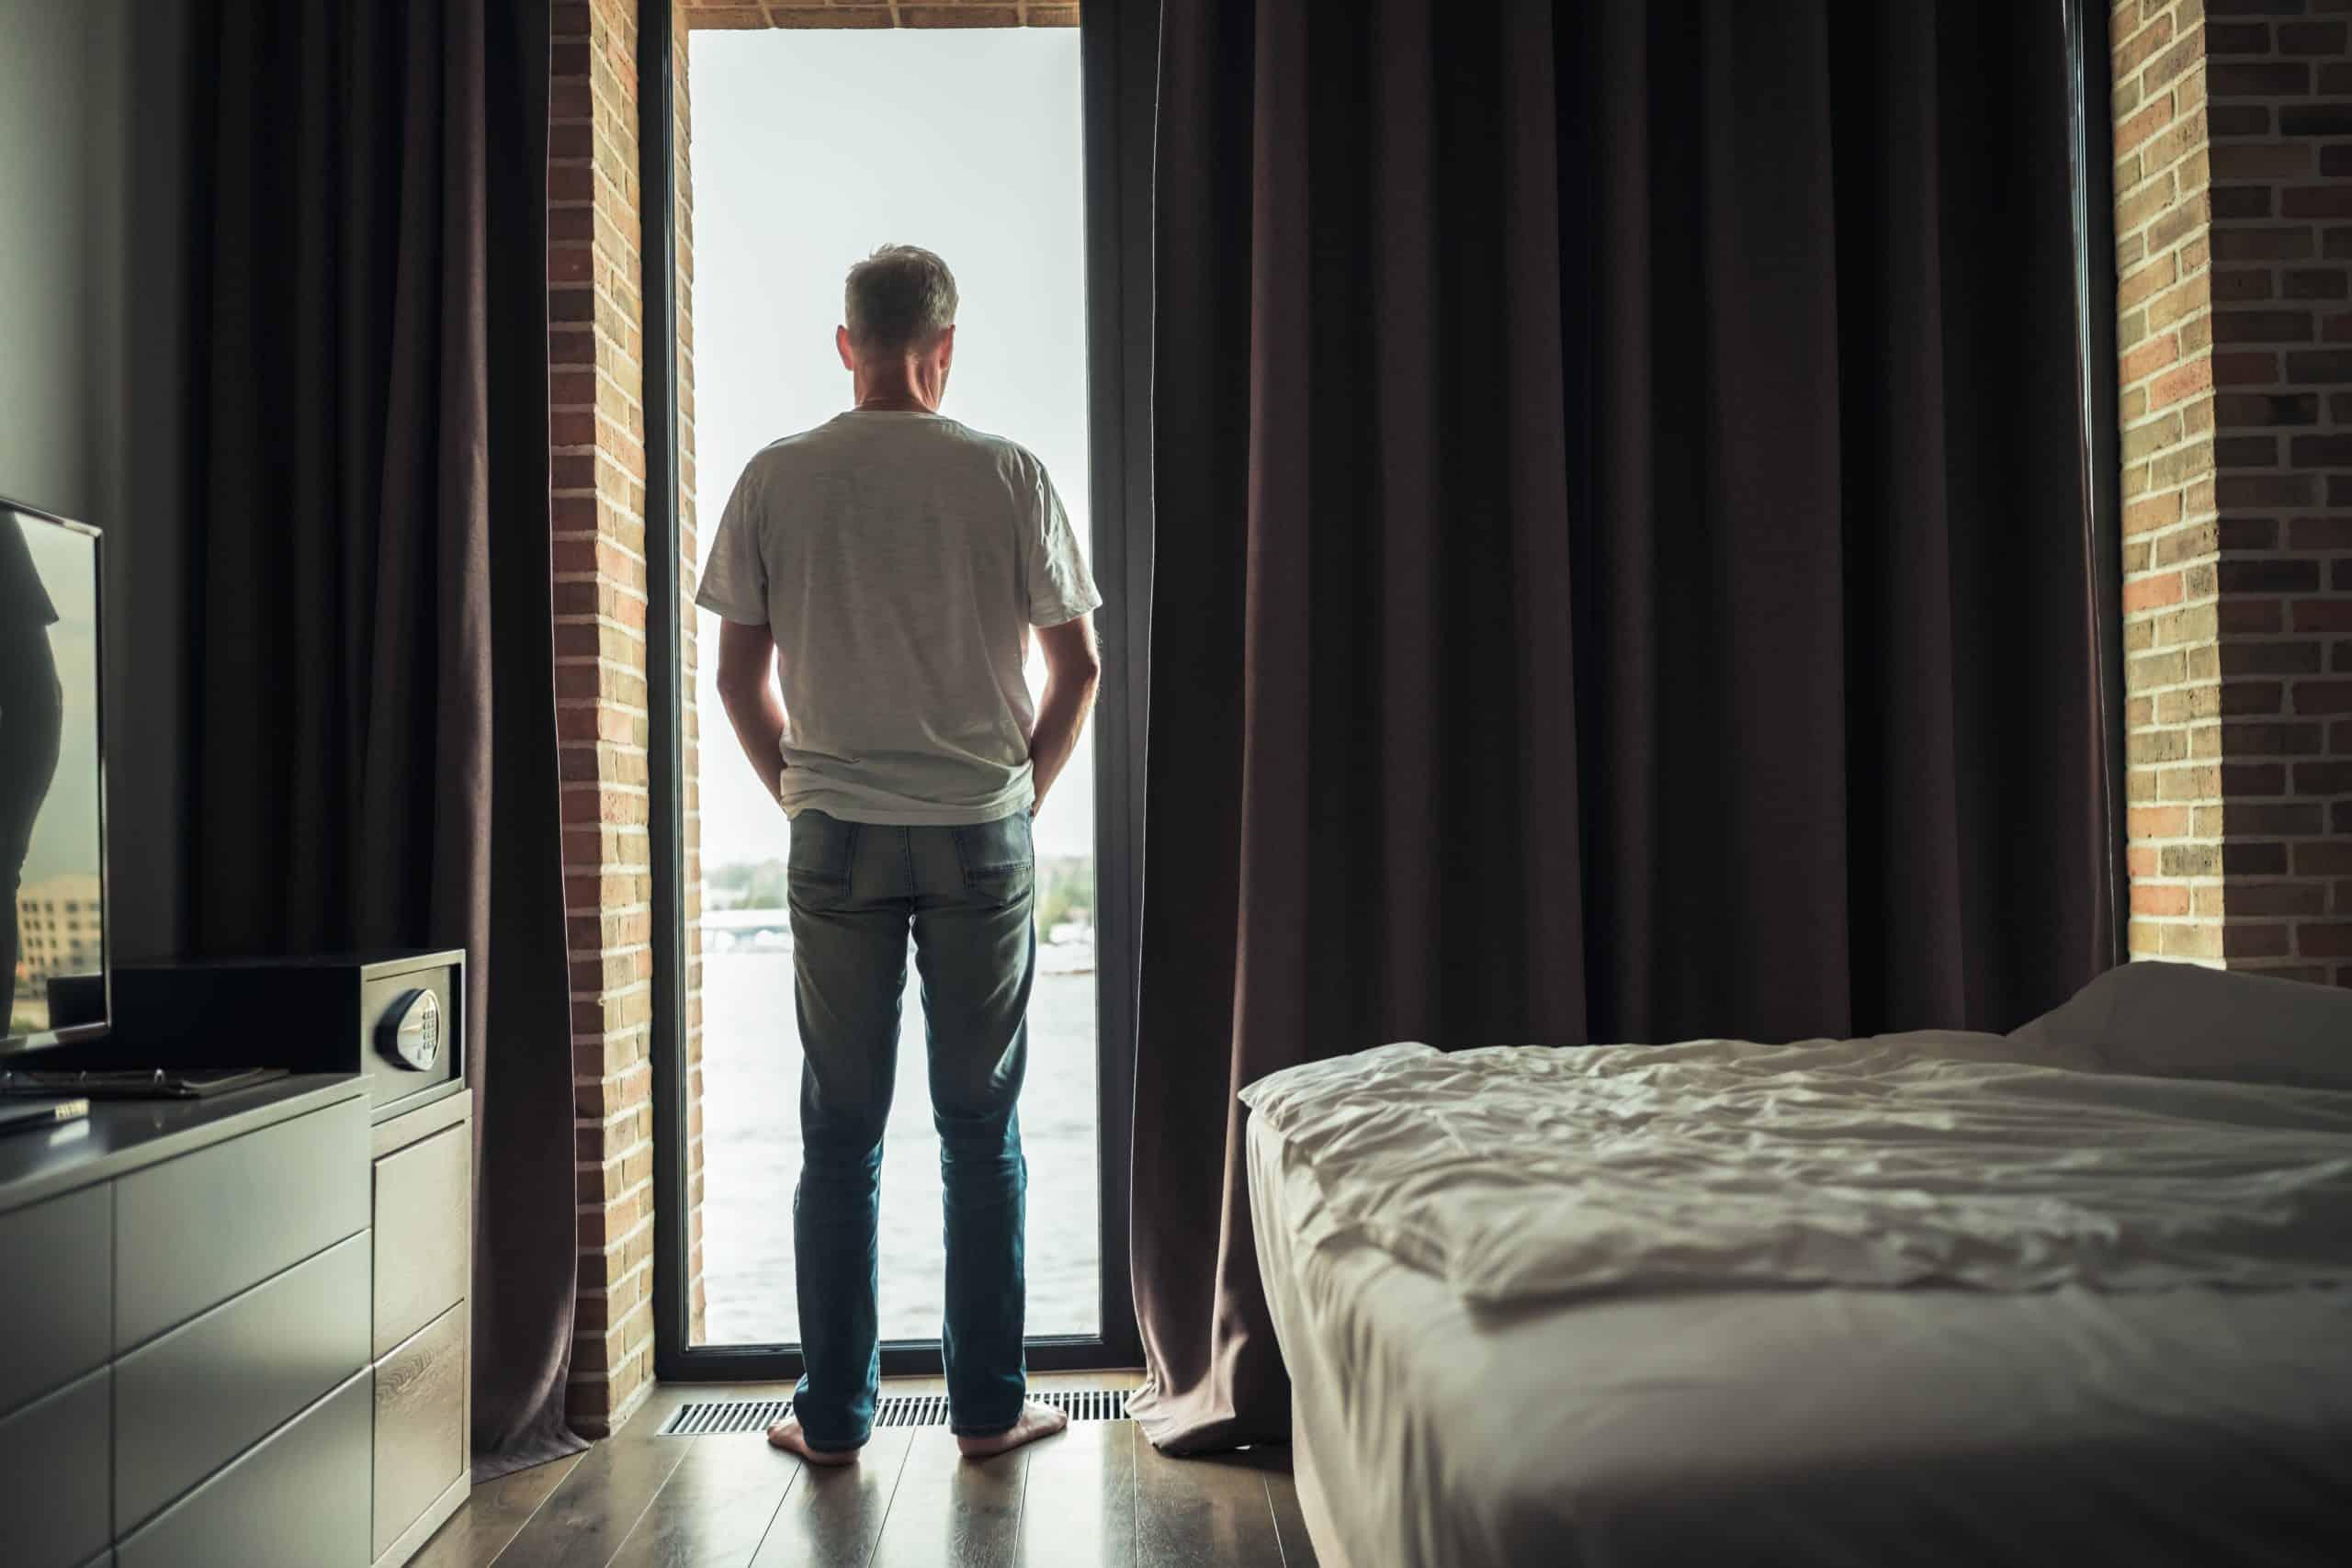 Mann in Hotelzimmer (c) Shutterstock